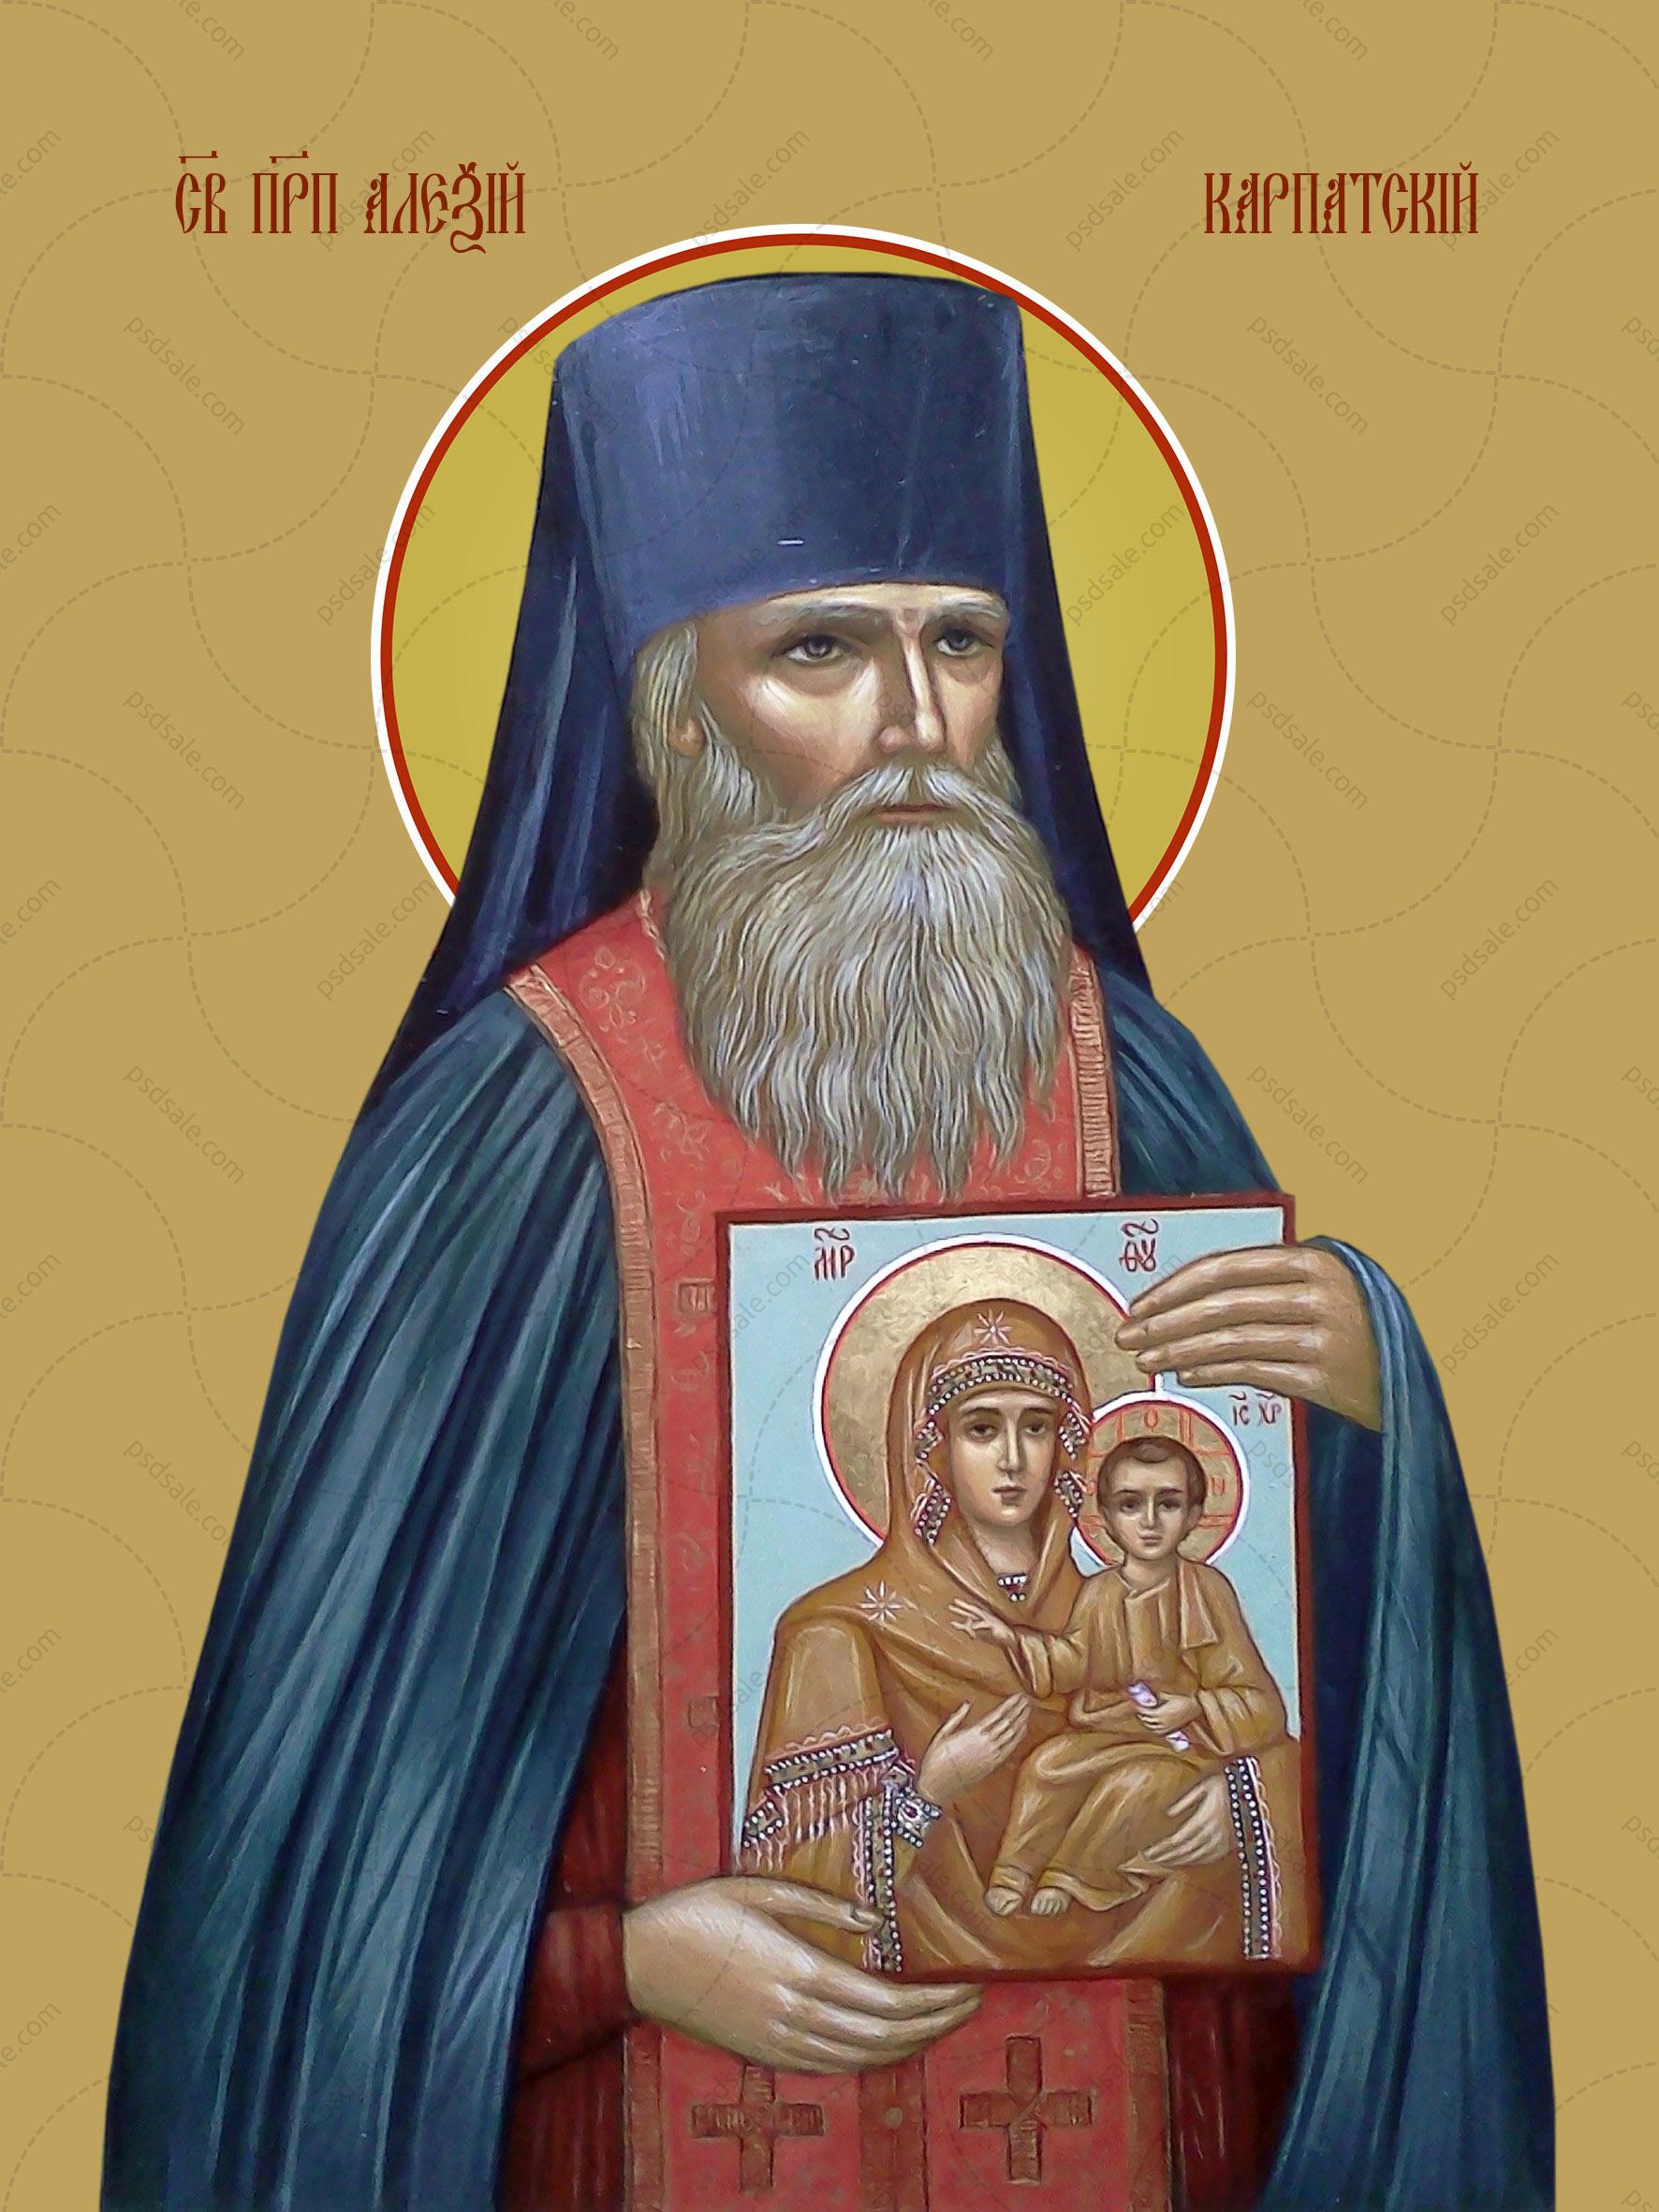 Алексий Карпатский, преподобный